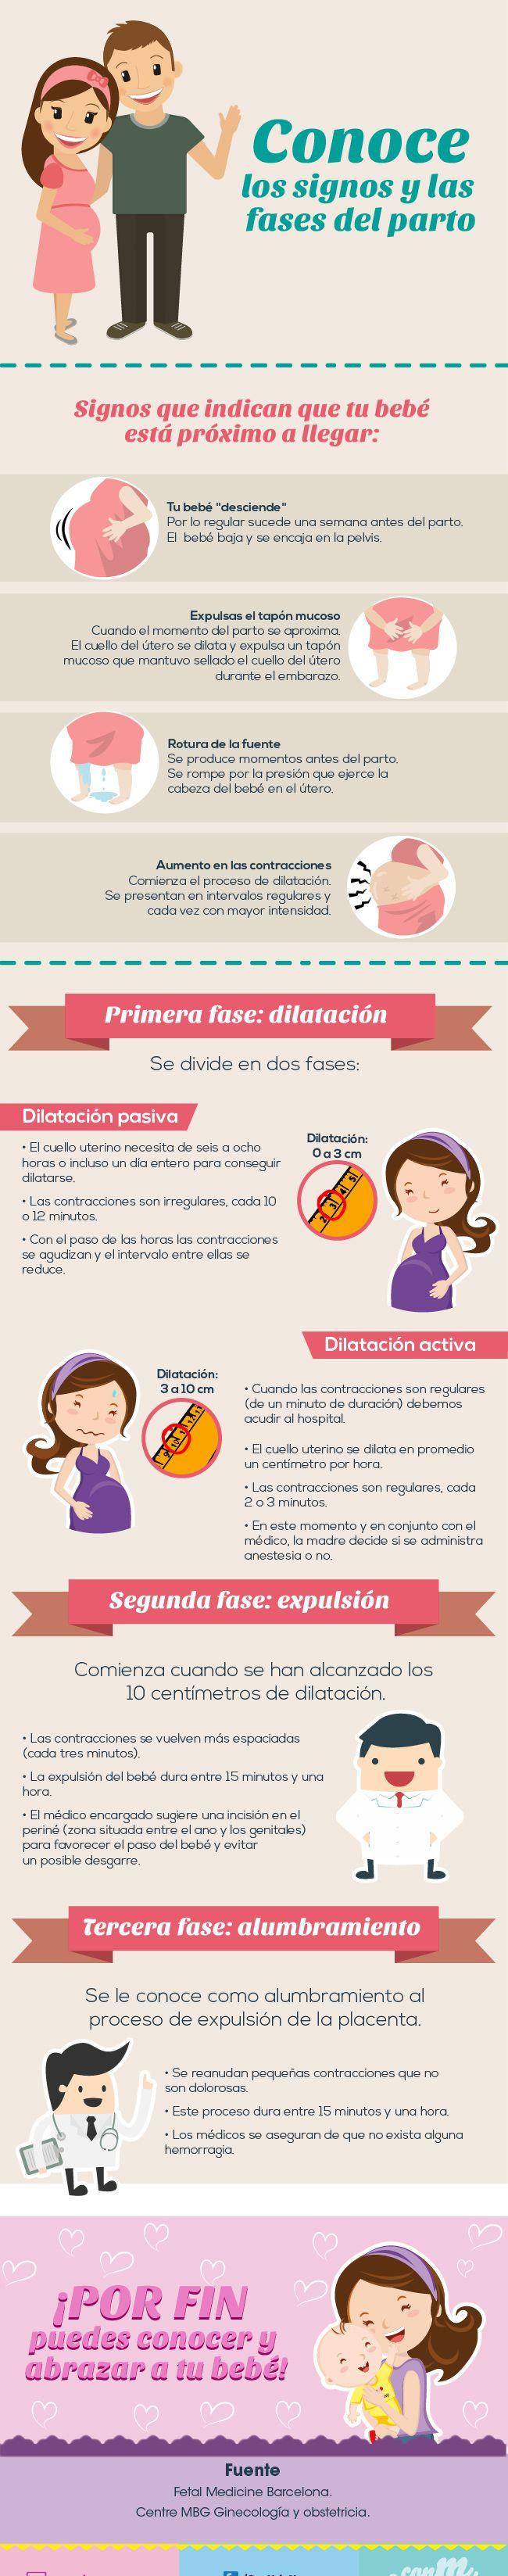 Si eres mamita primeriza debes conocer los signos y las fases del parto.